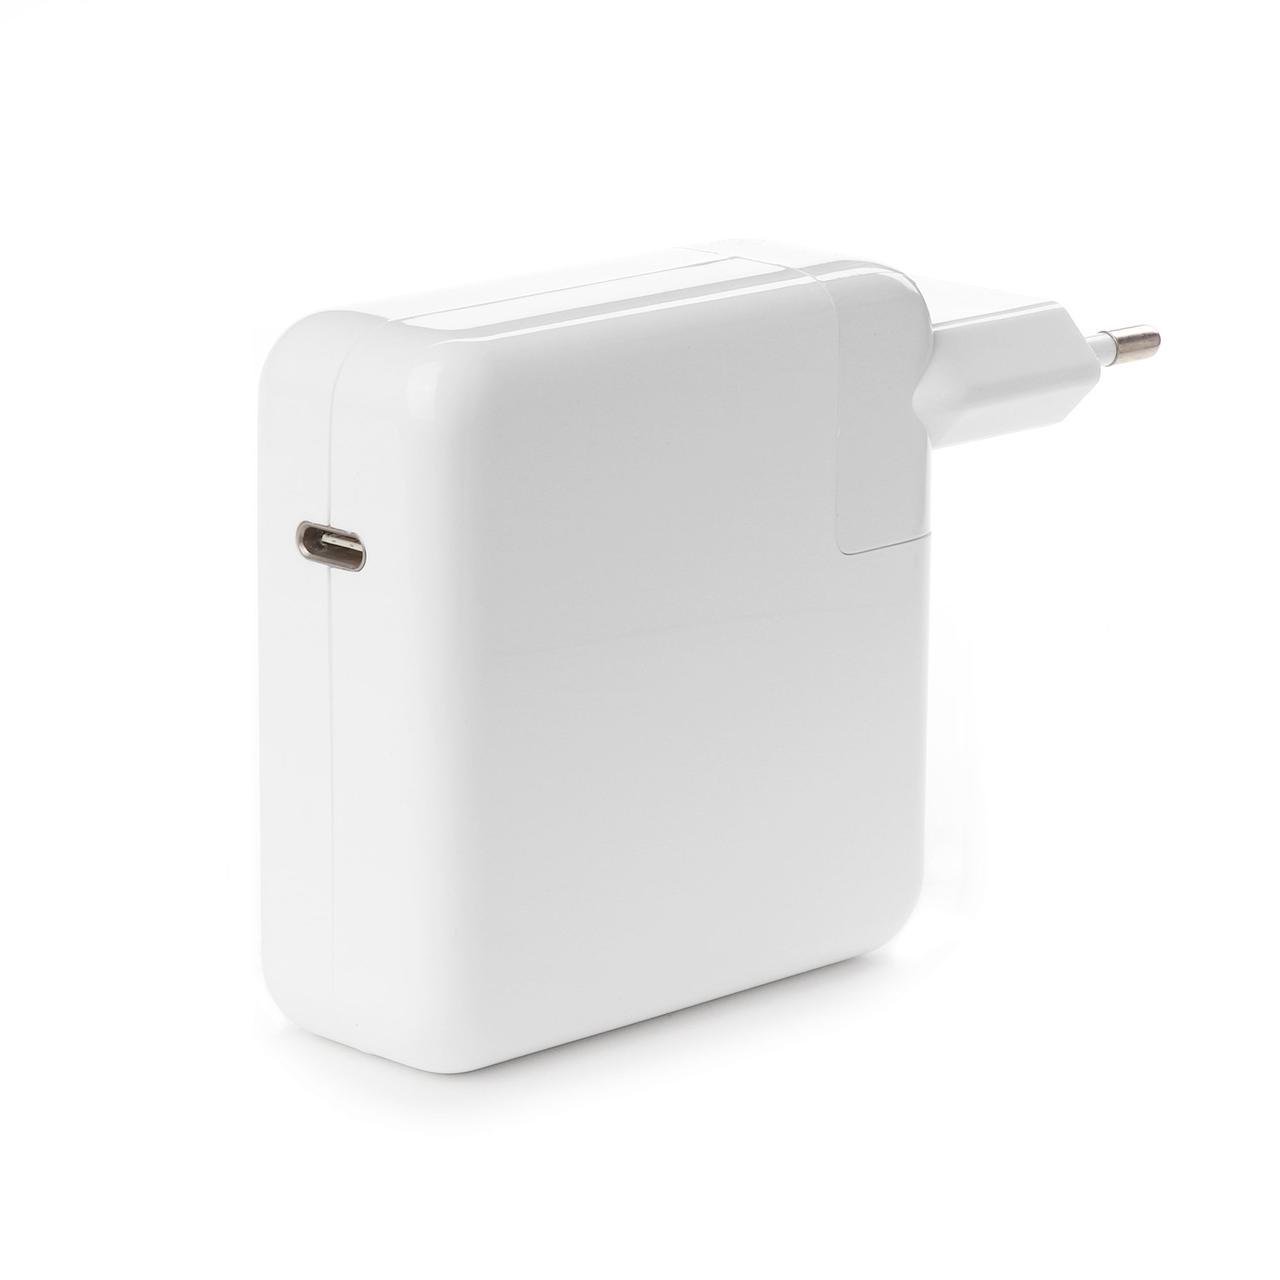 Блок питания универсальный 61W-UTC, USB-C 61W, Power Delivery 3.0, Quick Charge 3.0, Белый